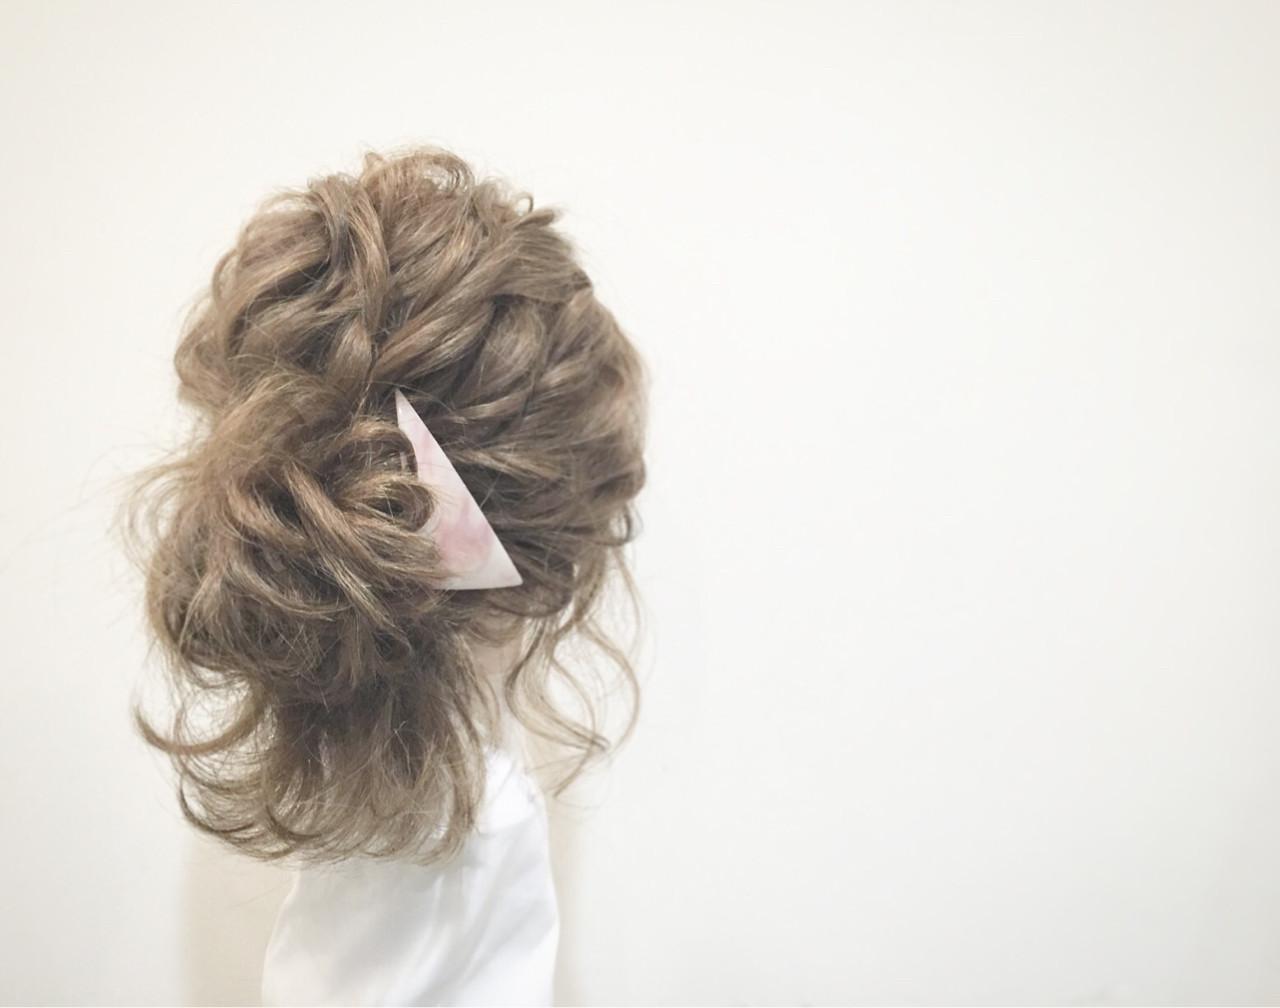 ヘアアレンジ セミロング 大人女子 大人かわいい ヘアスタイルや髪型の写真・画像